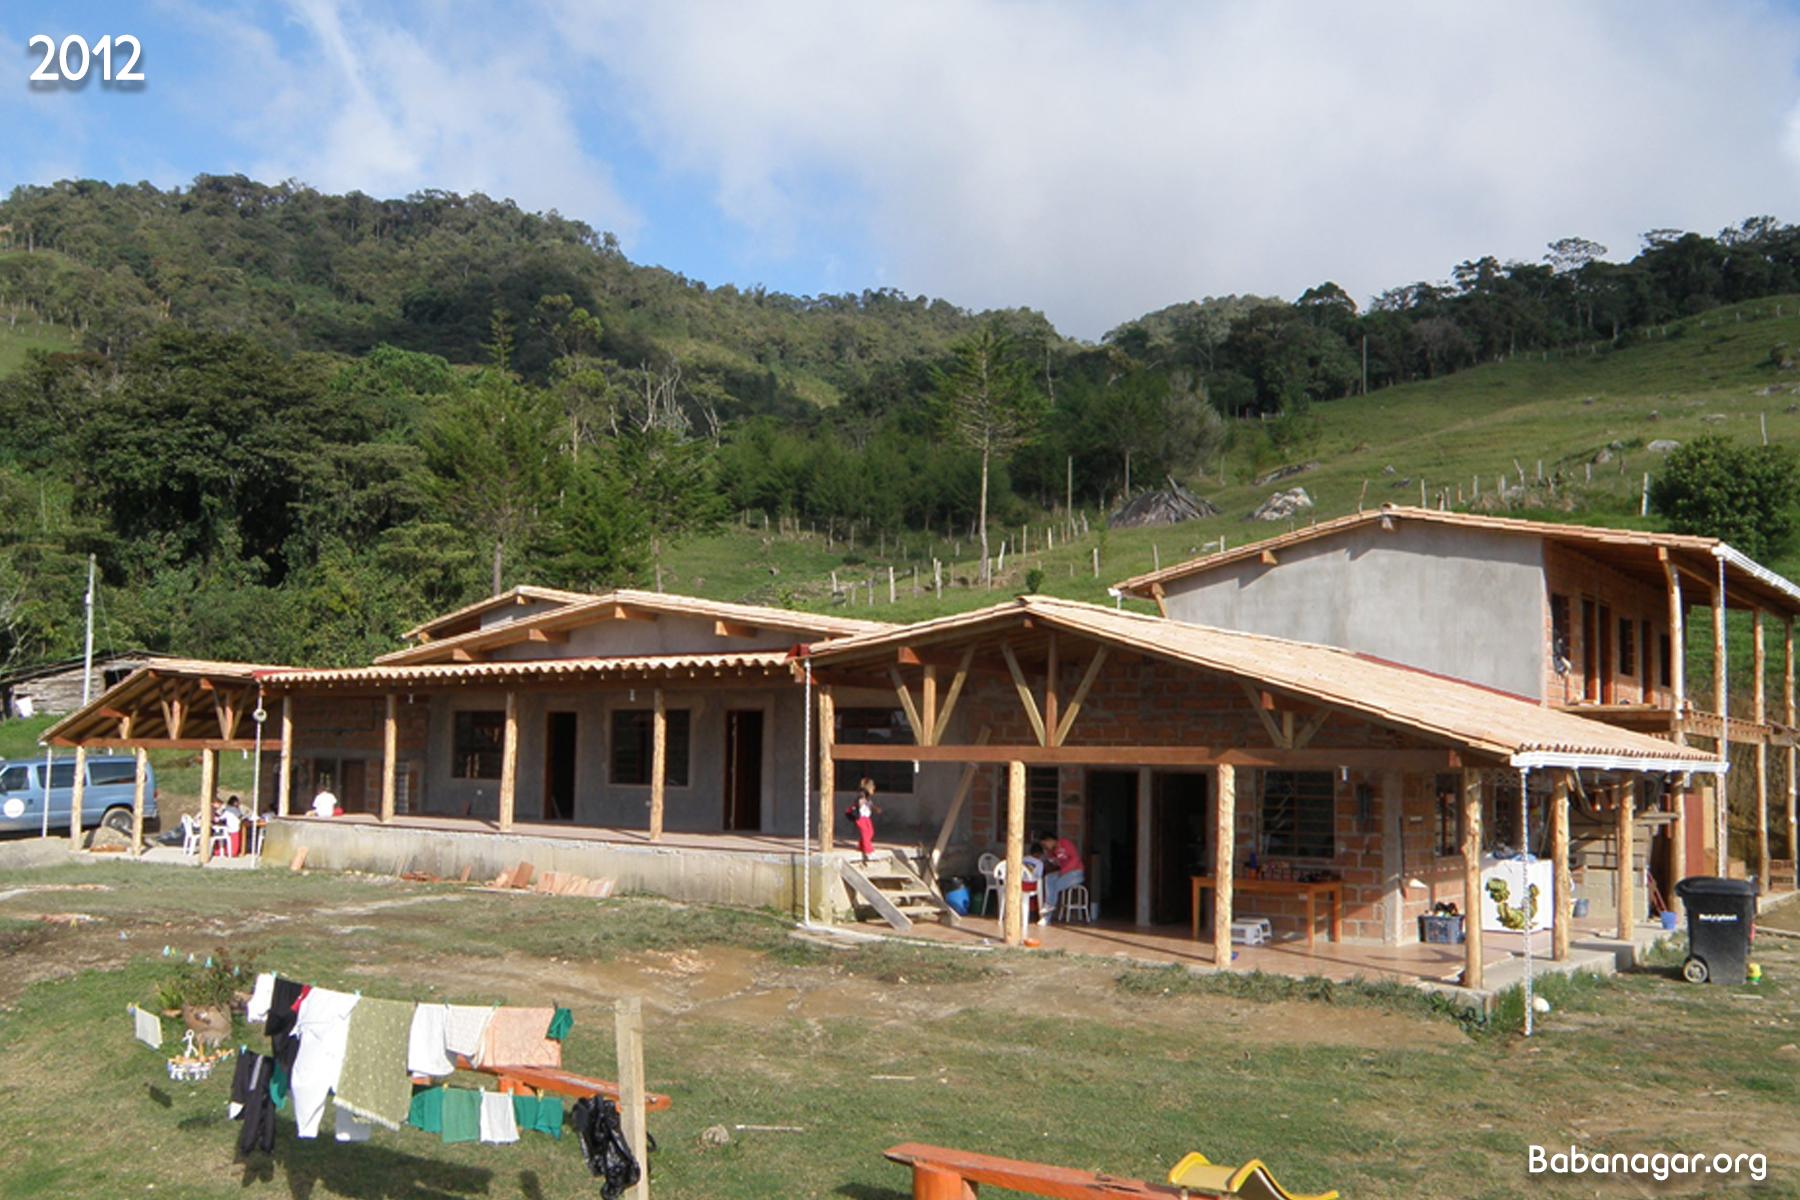 casa 2012